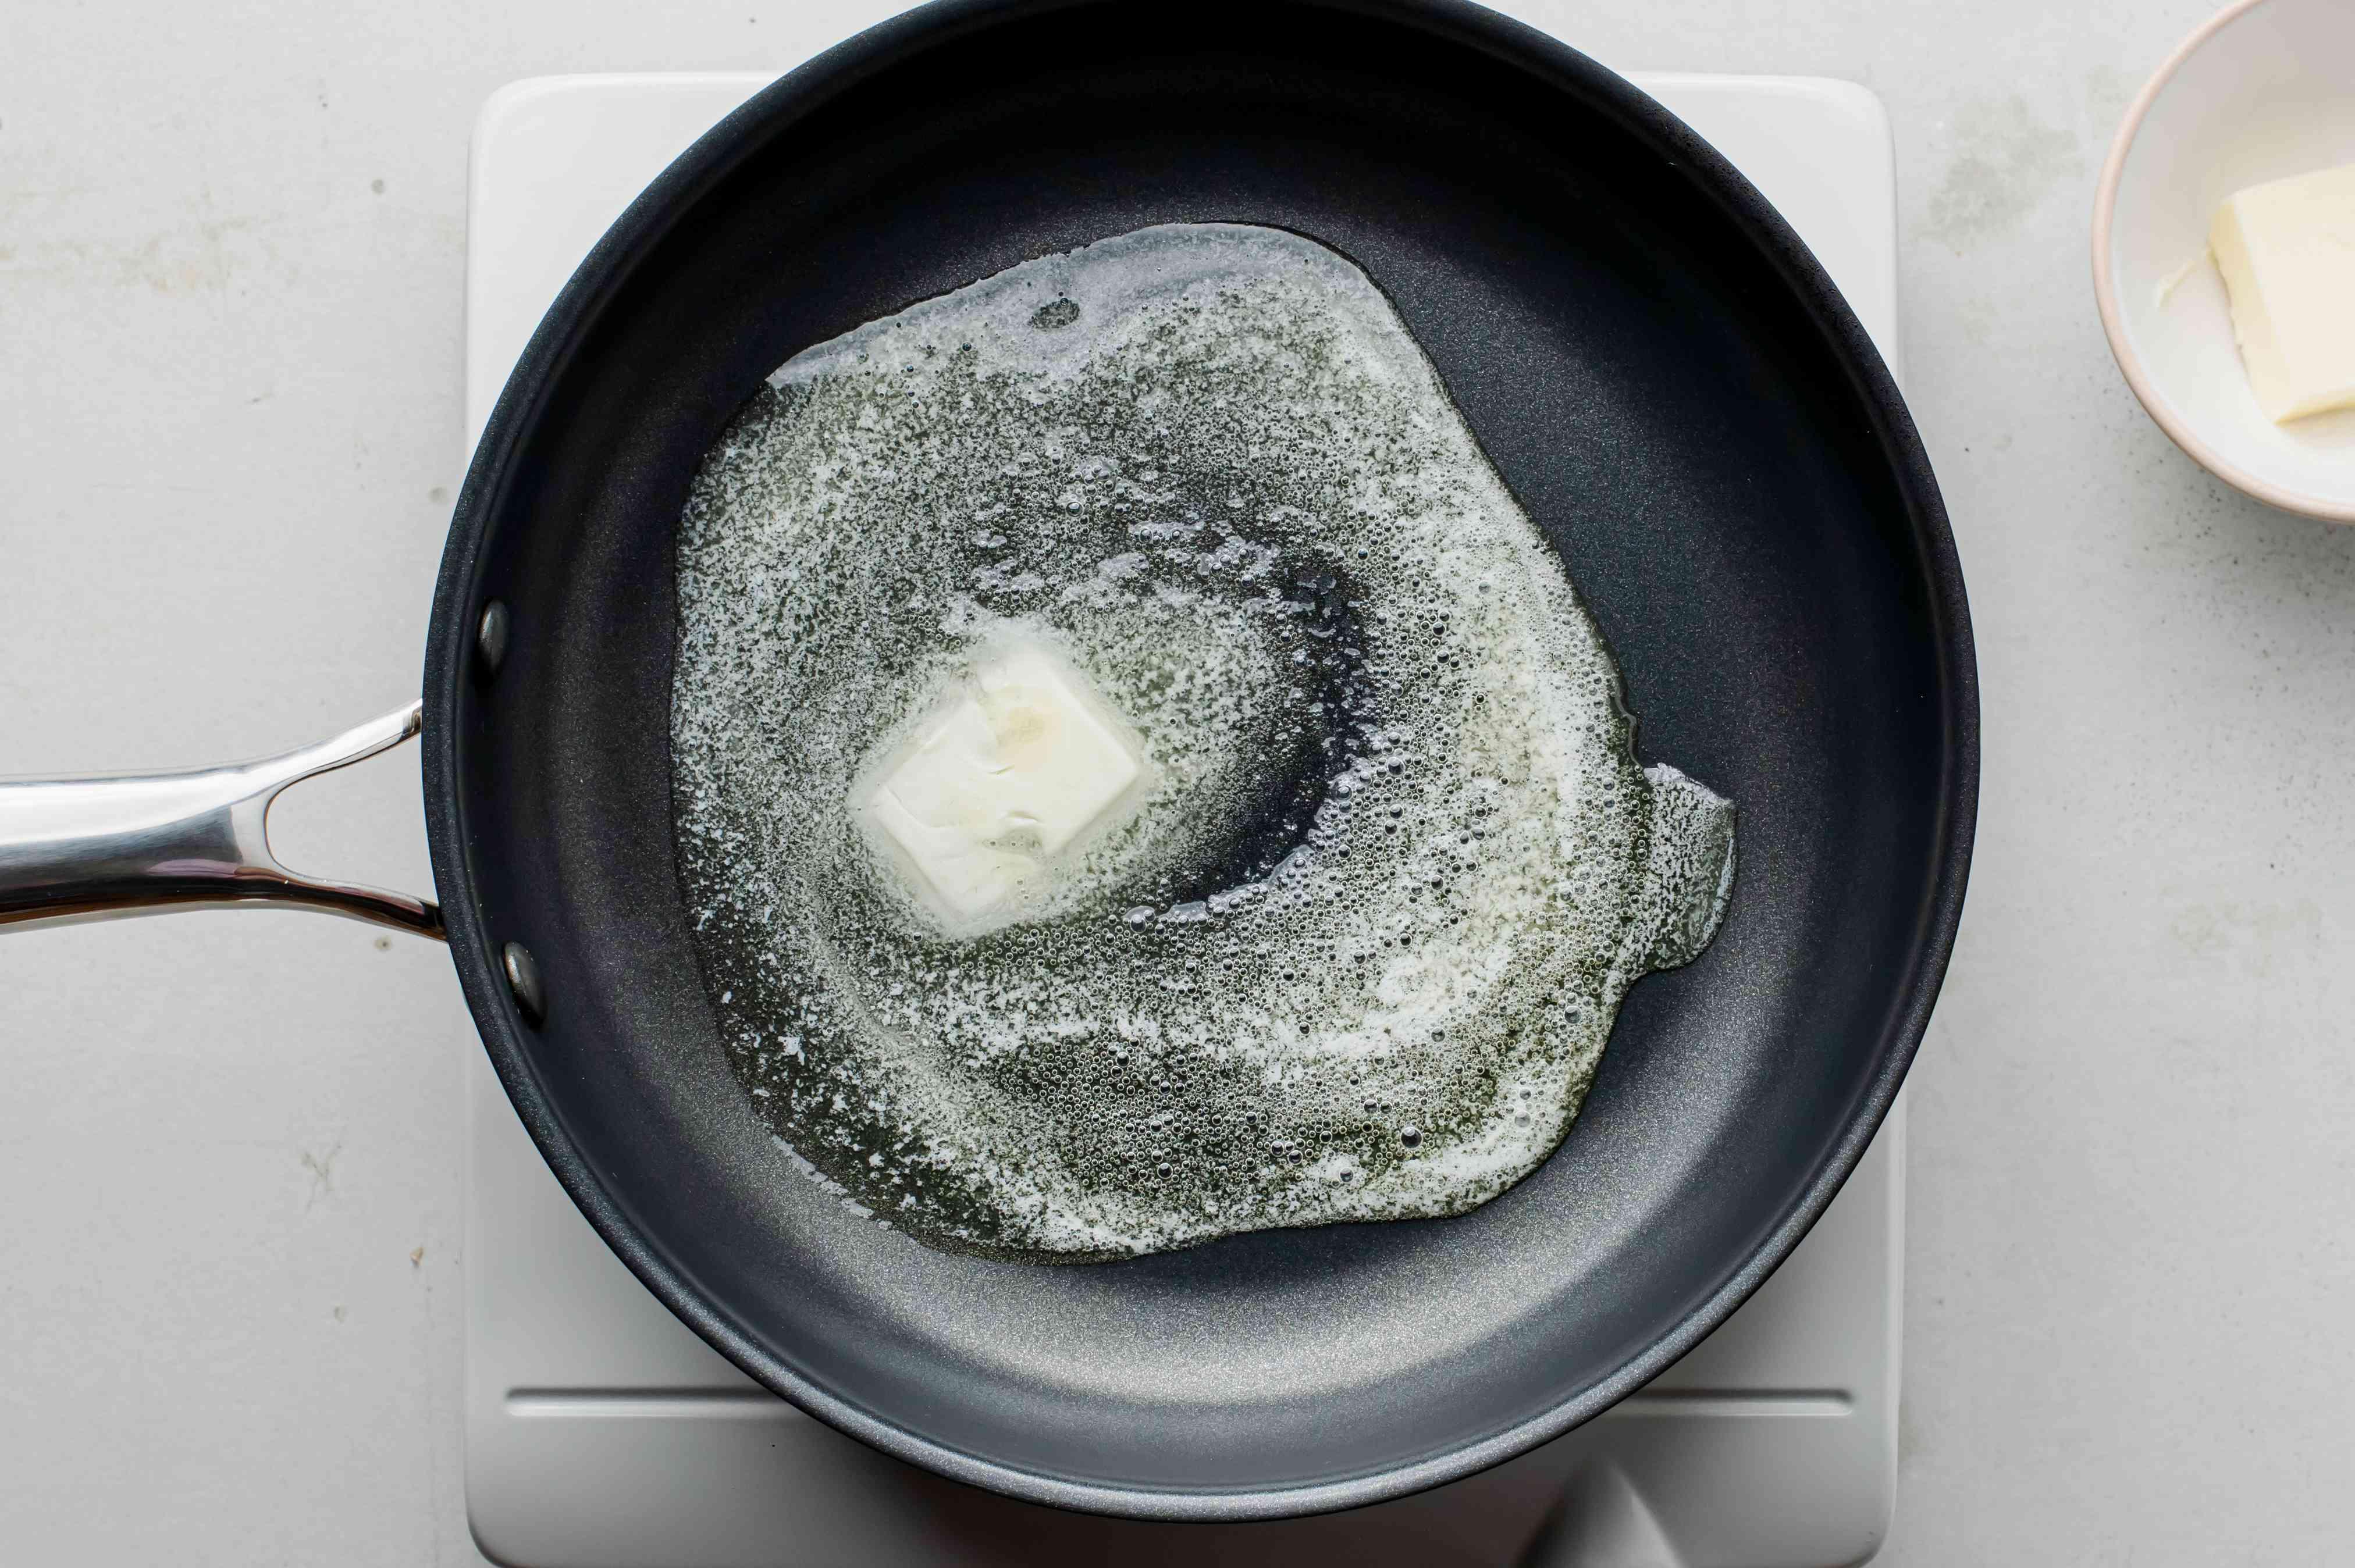 Butter melting in a black nonstick skillet